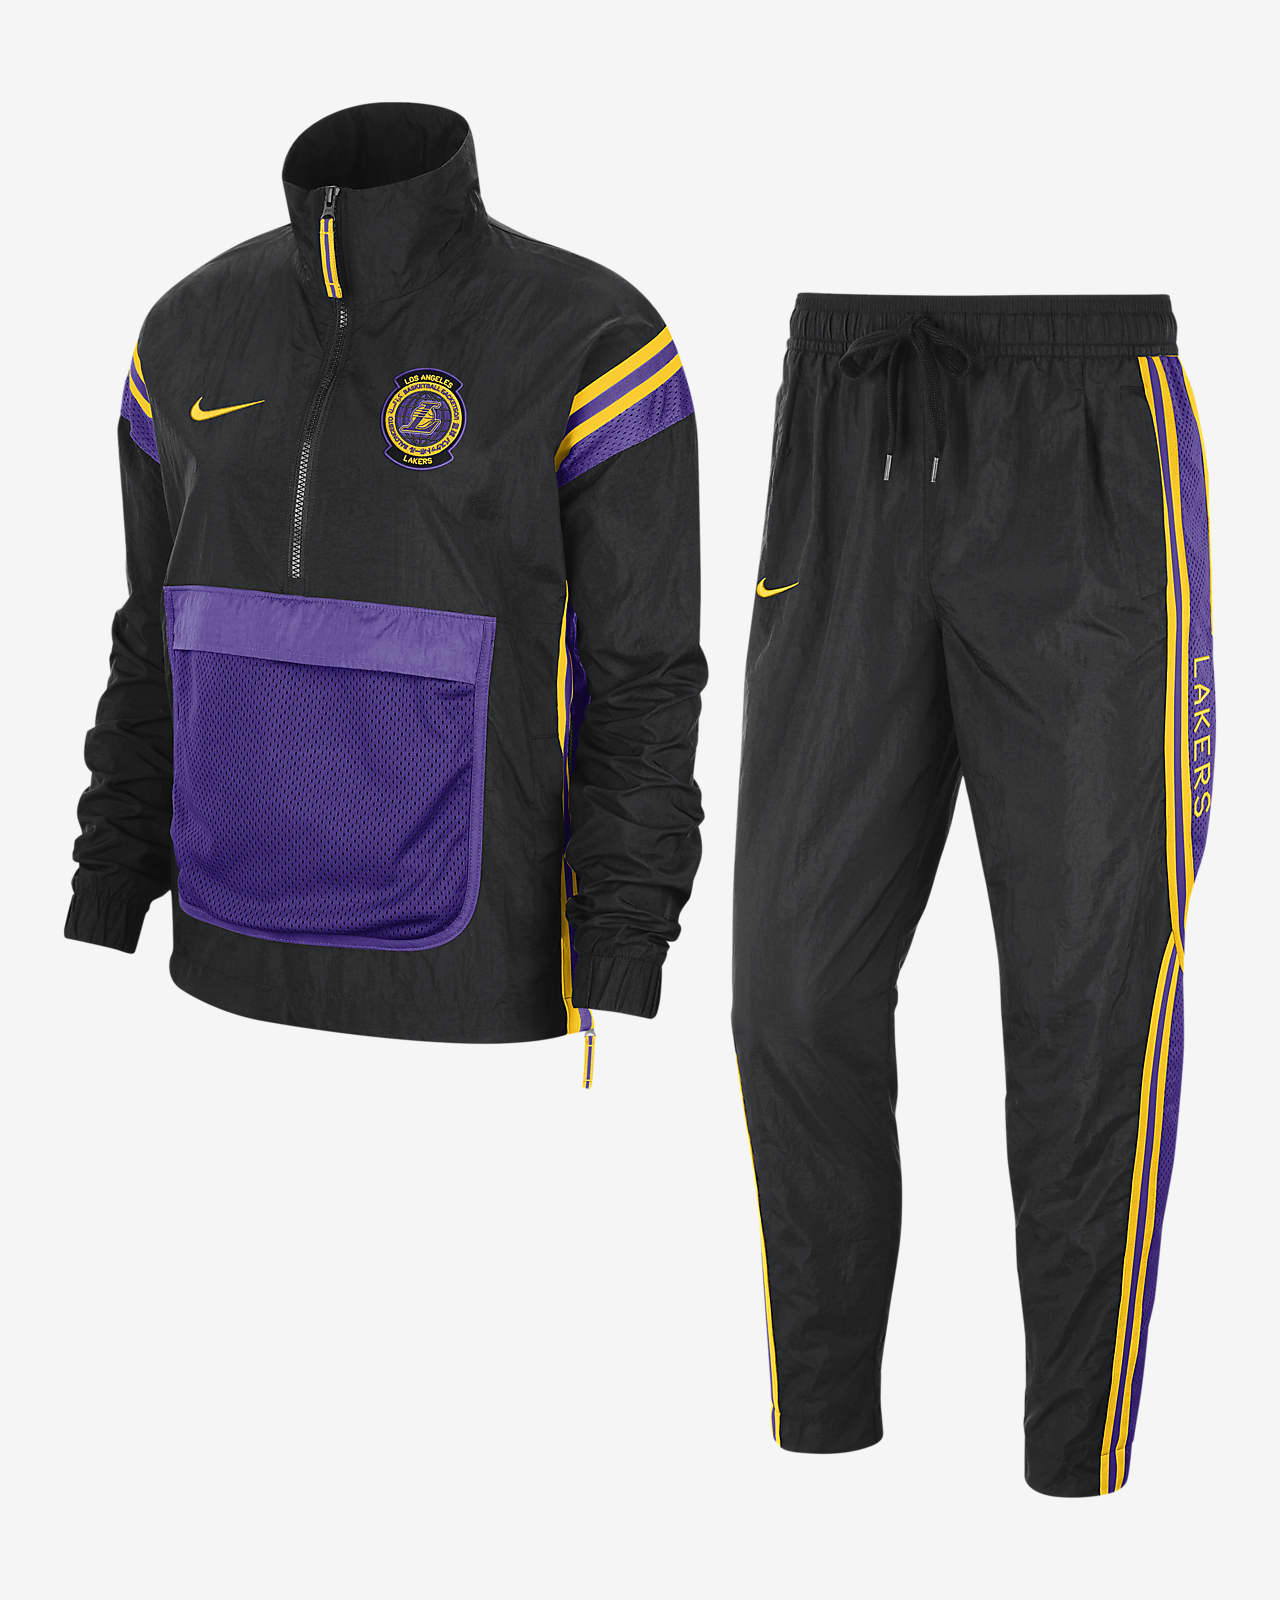 Survêtement Nike NBA Lakers Courtside pour Femme